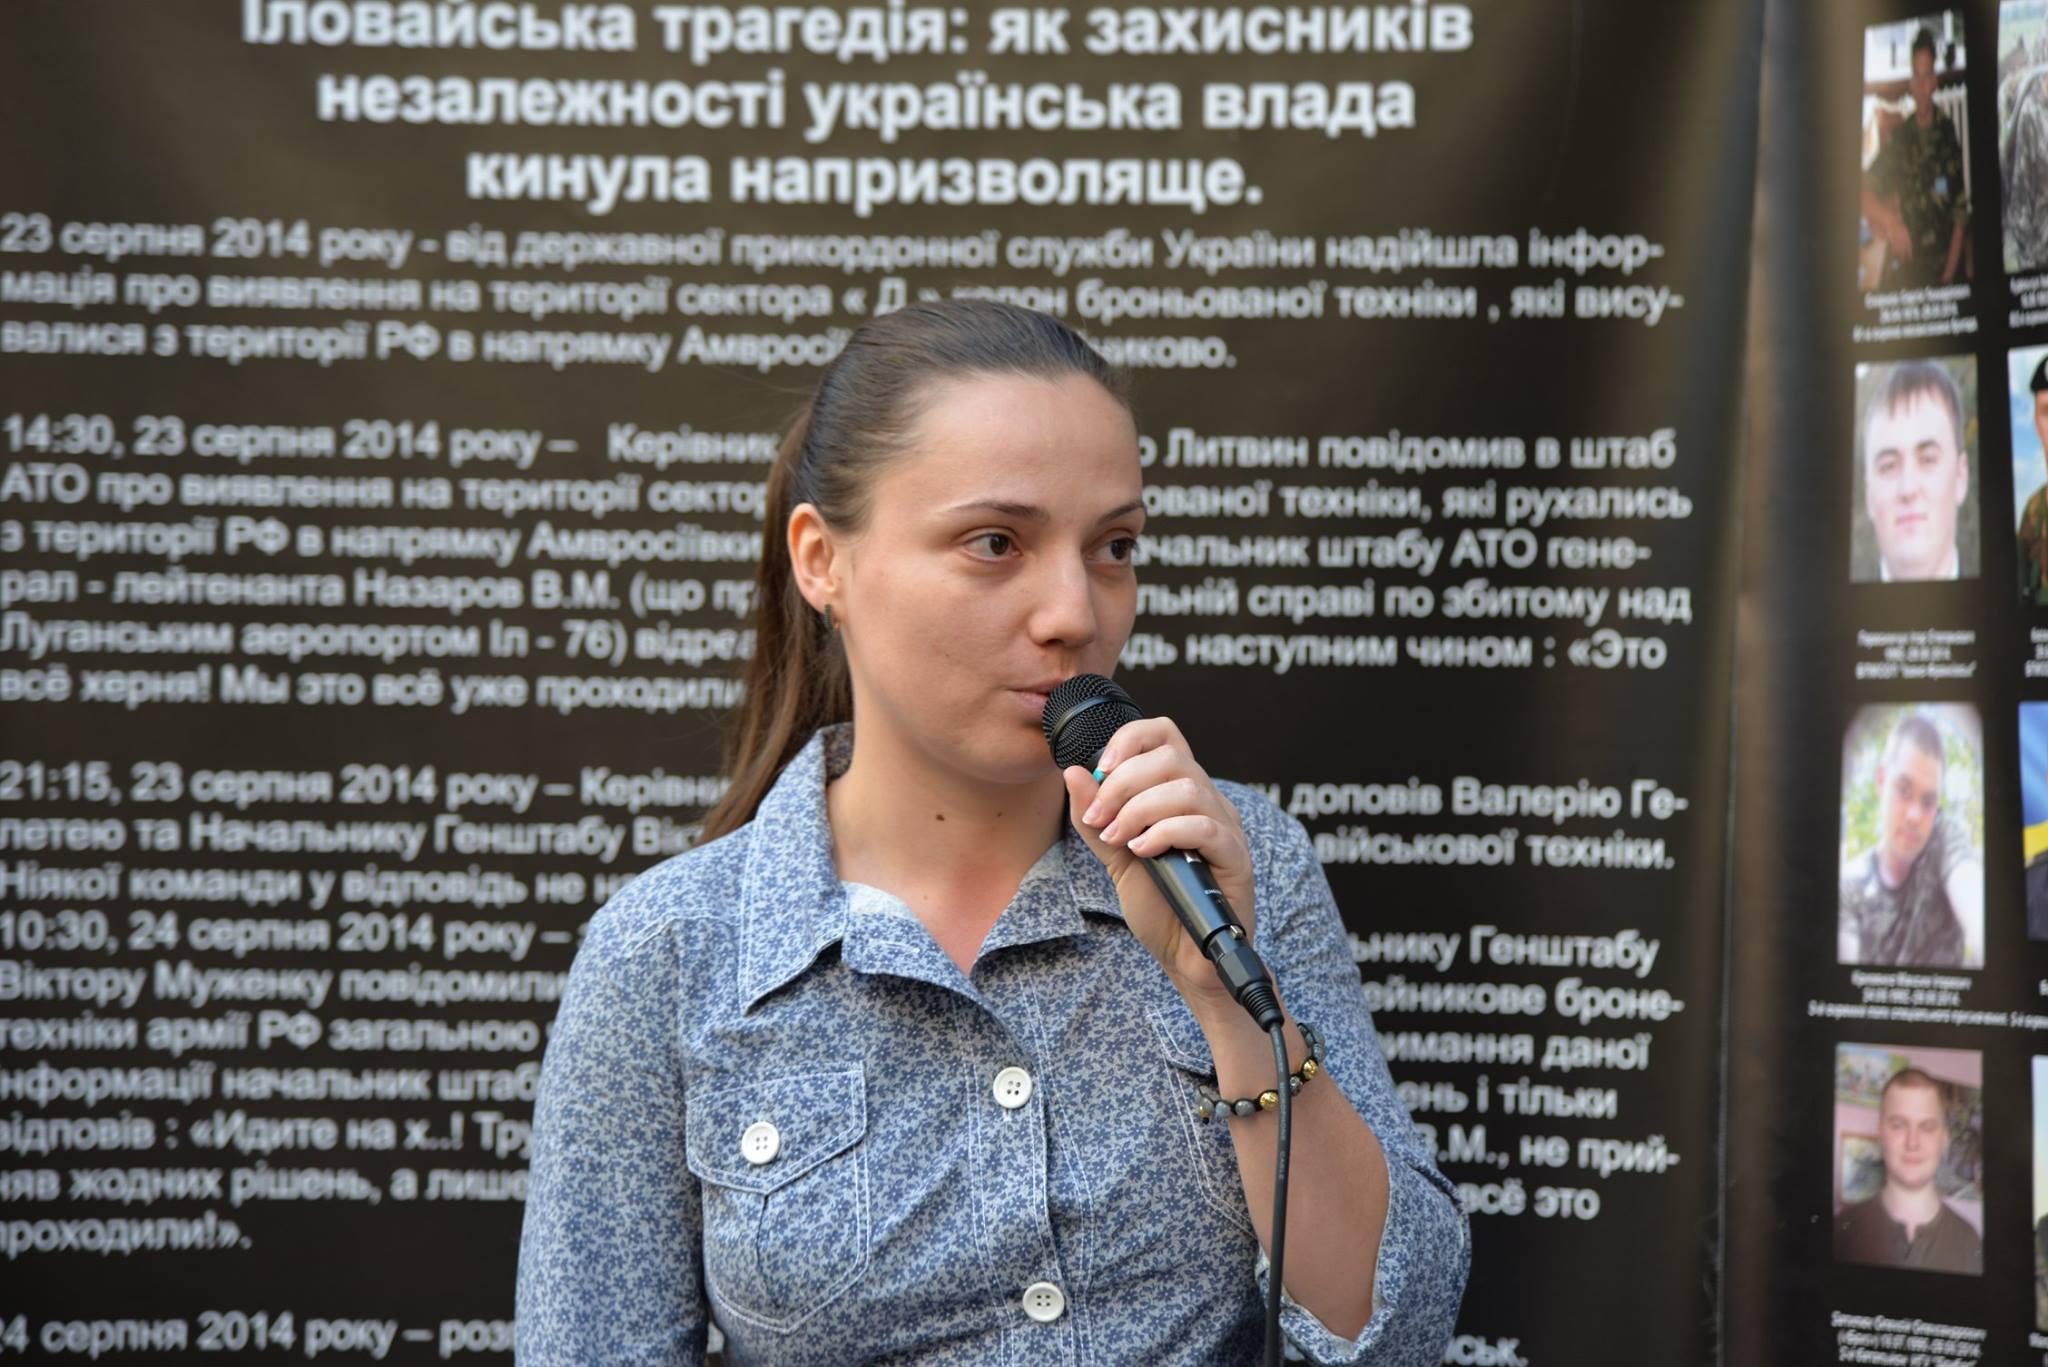 Екатерина Кувита — представитель Люстрационного комитета, предложила сделать другой регламент, чтобы принять конструктивные решения